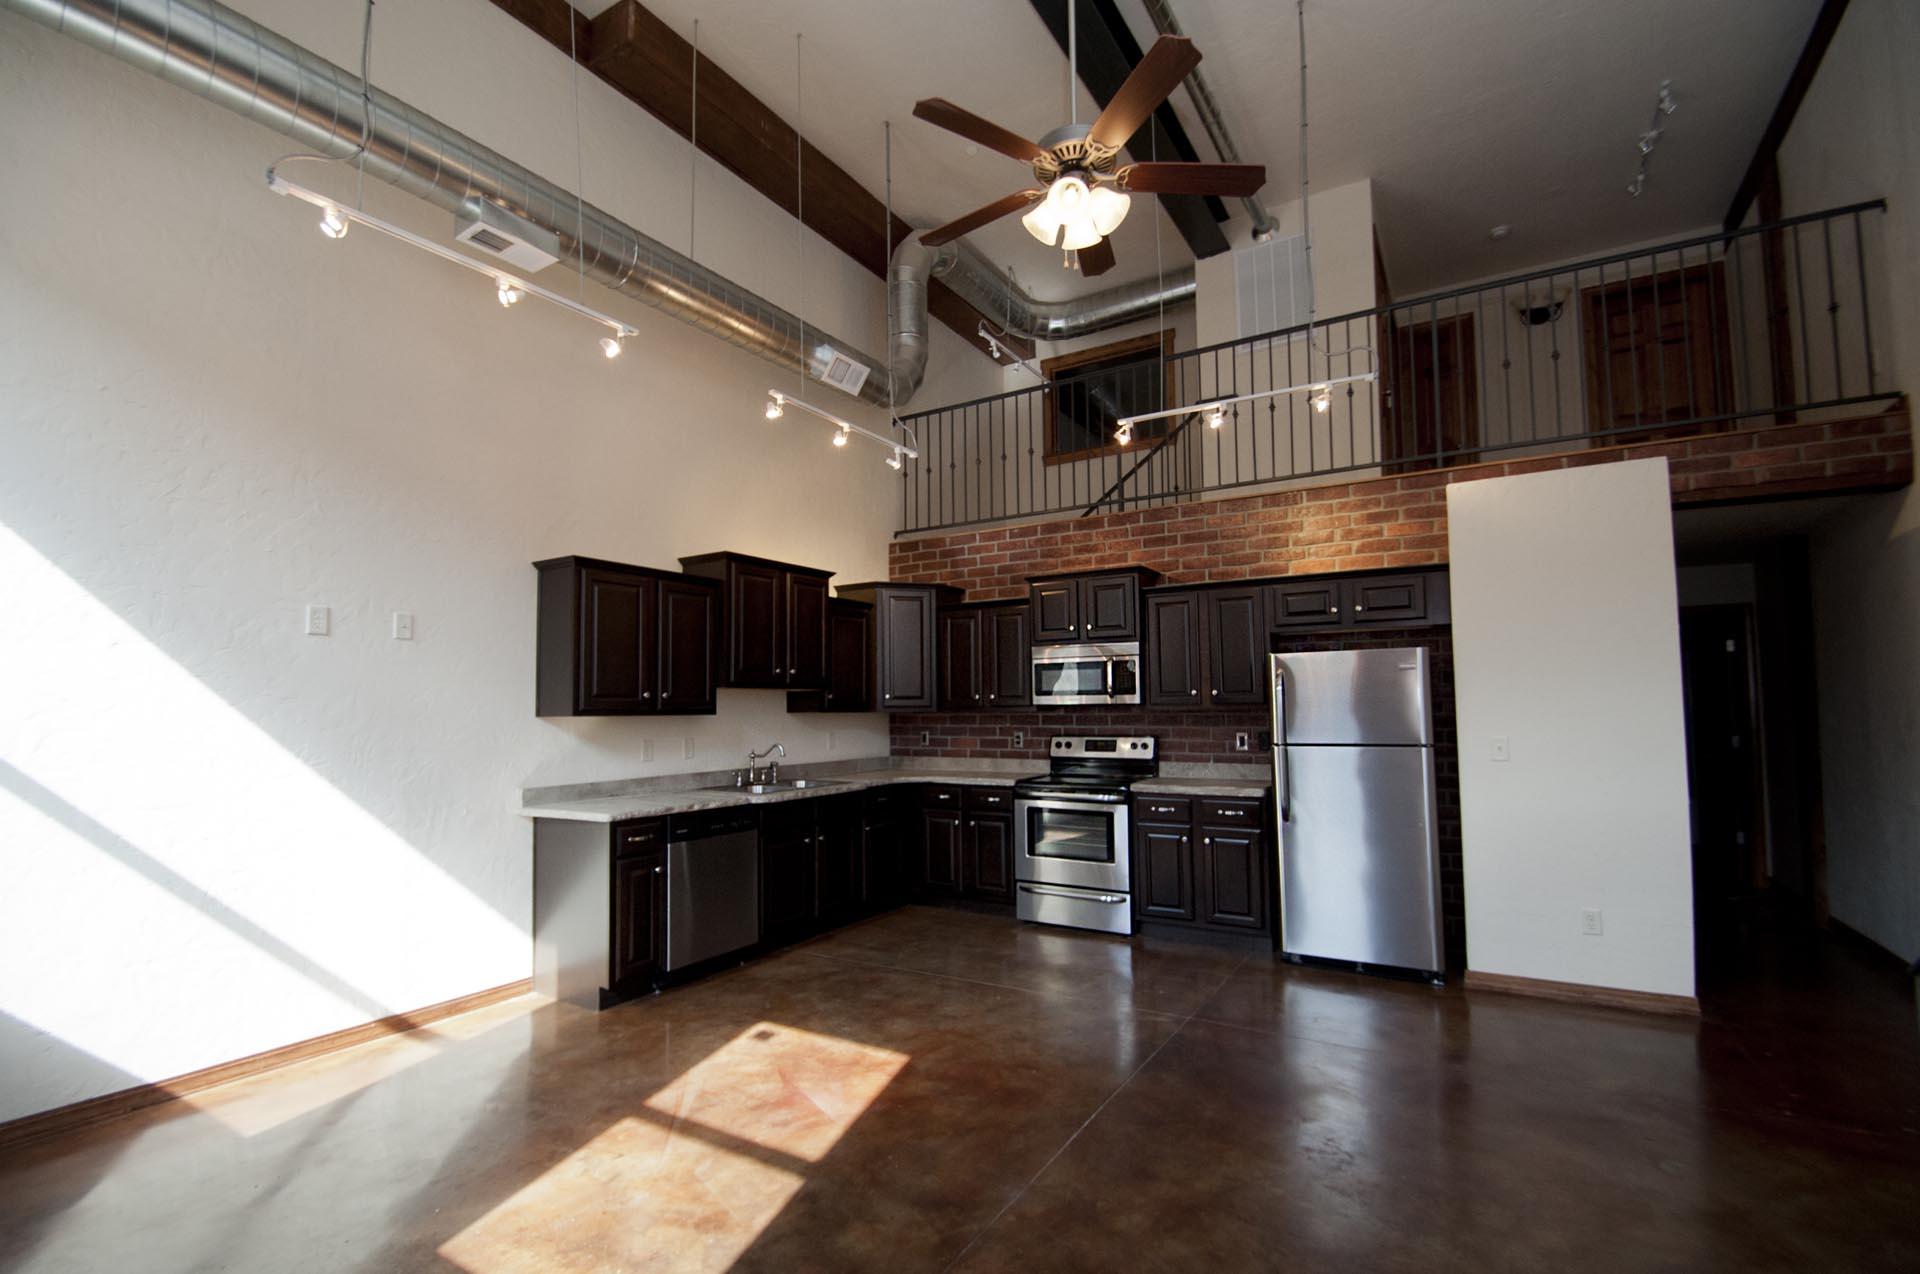 Union Biscuit West Springfield Loft Apartments